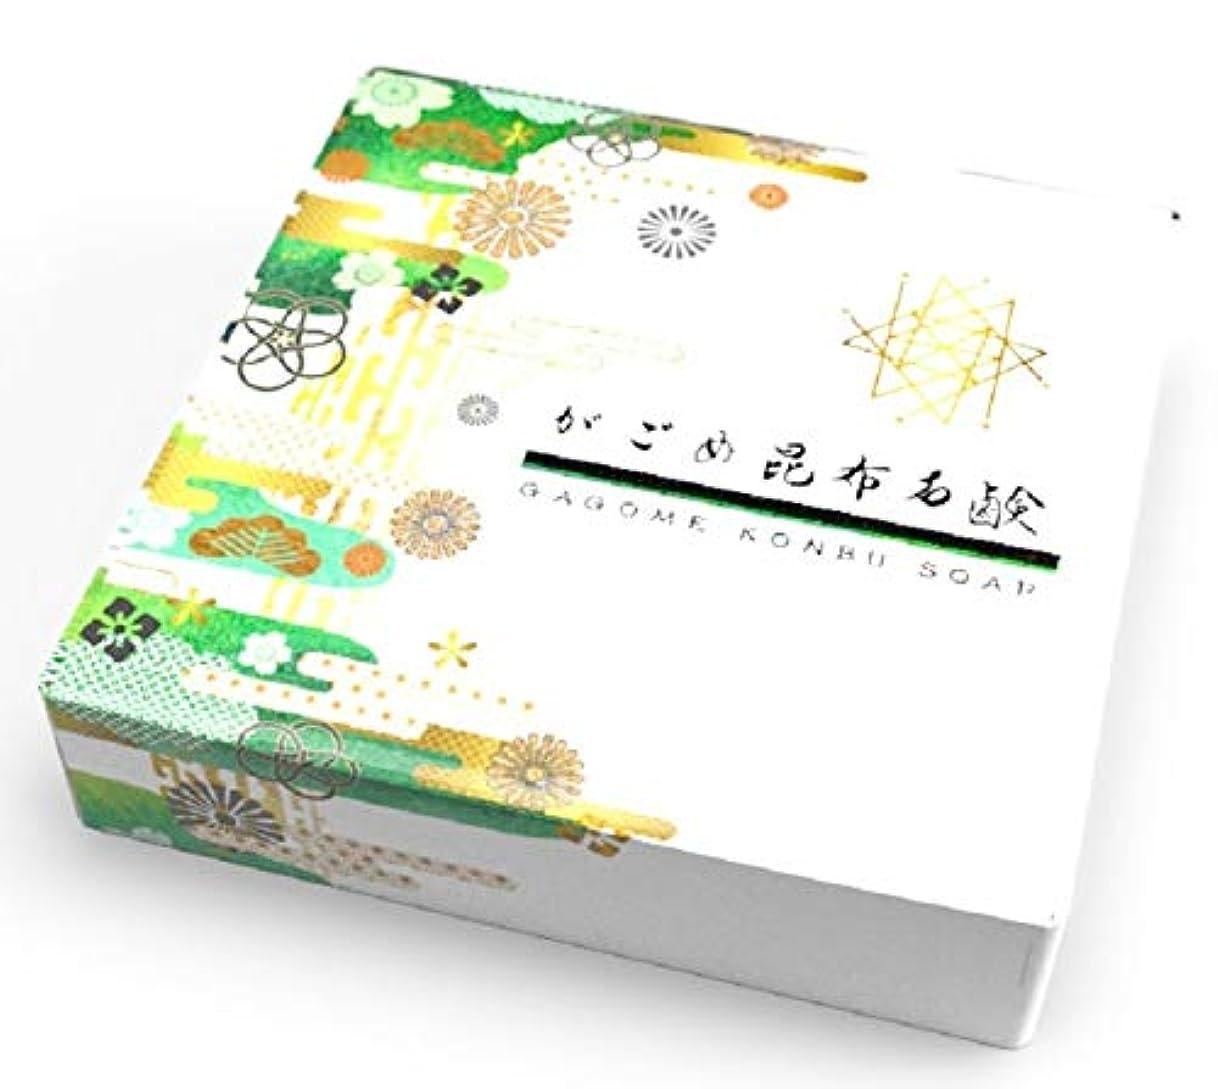 味付け差し引くクロニクルHibis がごめ昆布石鹸 手作り 無添加 コールド?プロセス製法 高保湿 乾燥肌 敏感肌 アトピー ガゴメ昆布使用 固形石鹸 (85g)